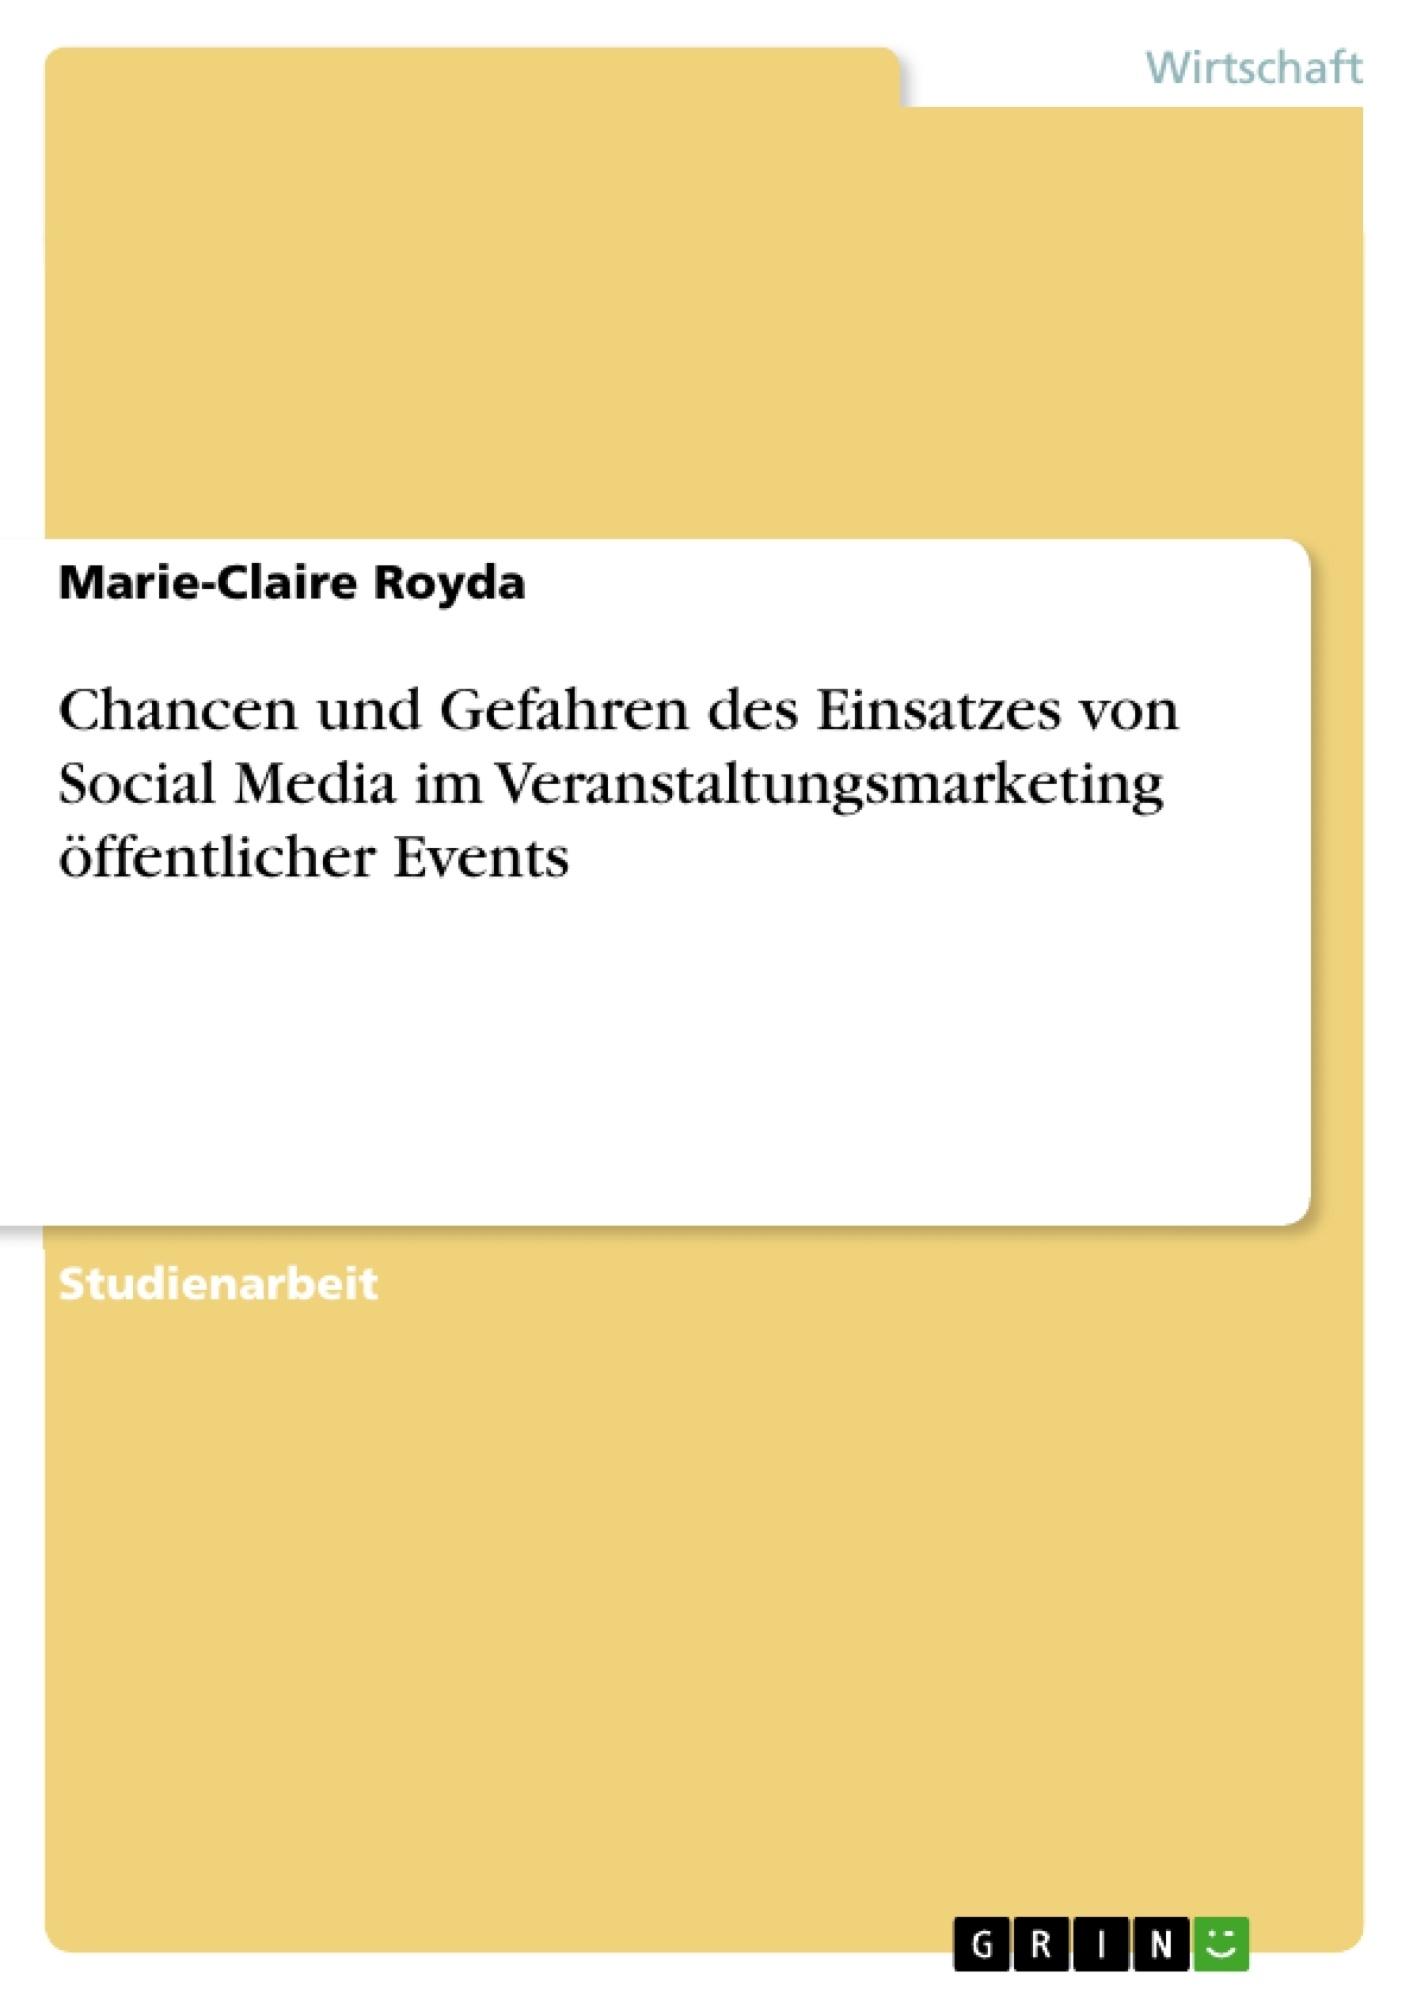 Titel: Chancen und Gefahren des Einsatzes von Social Media im Veranstaltungsmarketing öffentlicher Events